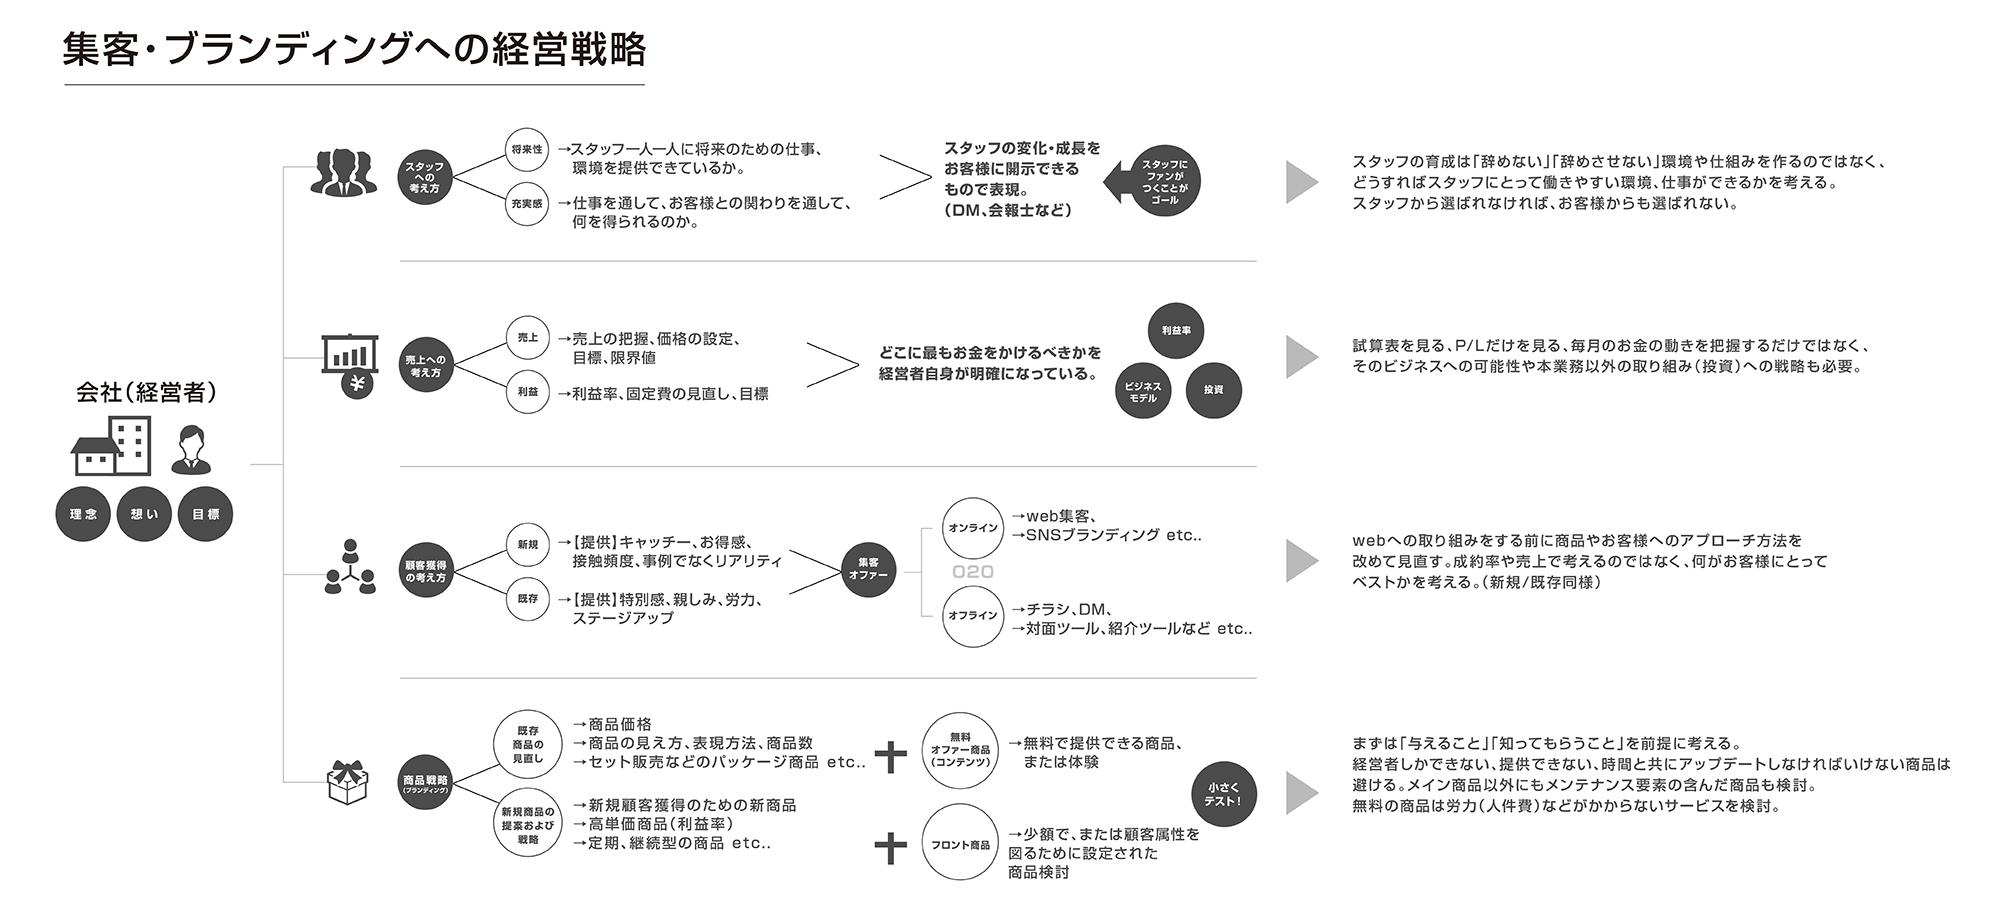 集客・ブランディングへの経営戦略|株式会社マーケティングハイ